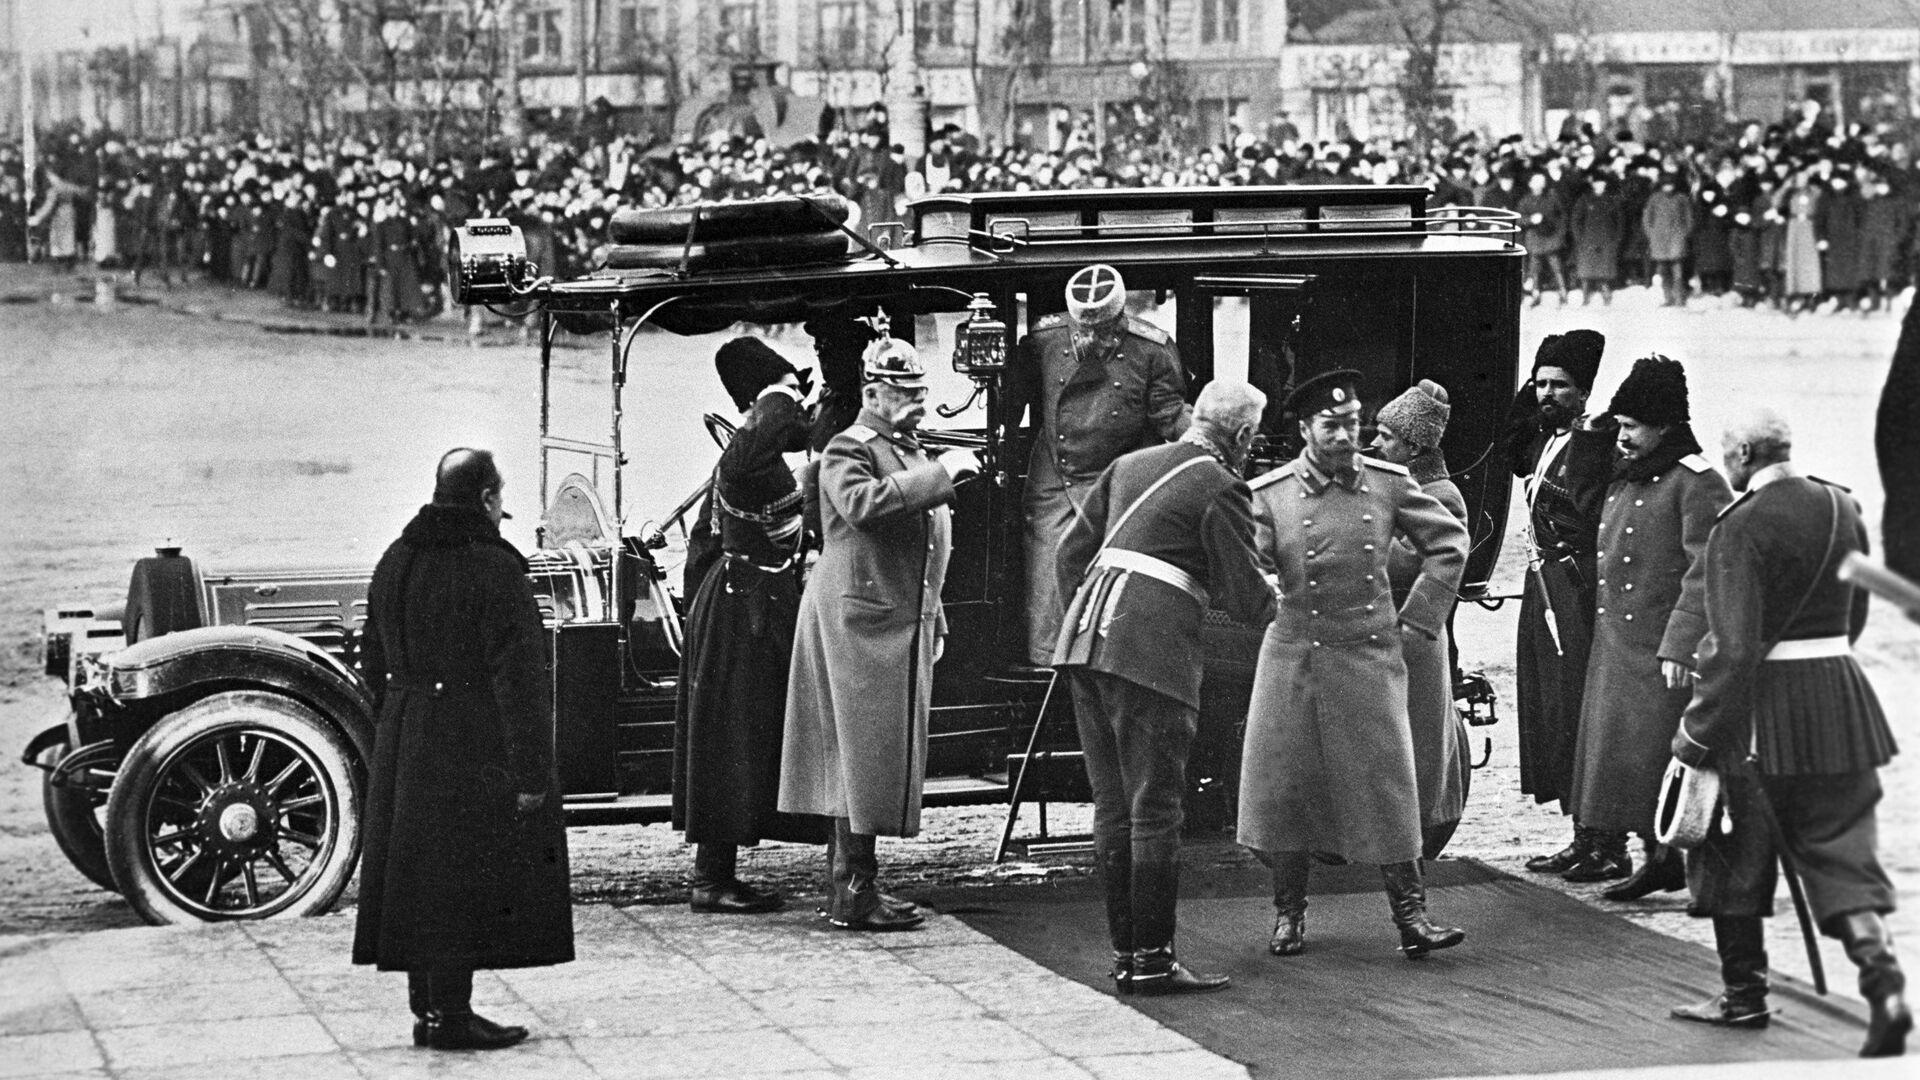 Император Николай II прибыл в Петербург для участия в праздновании 300-летия Дома Романовых. 1913 - РИА Новости, 1920, 31.08.2021